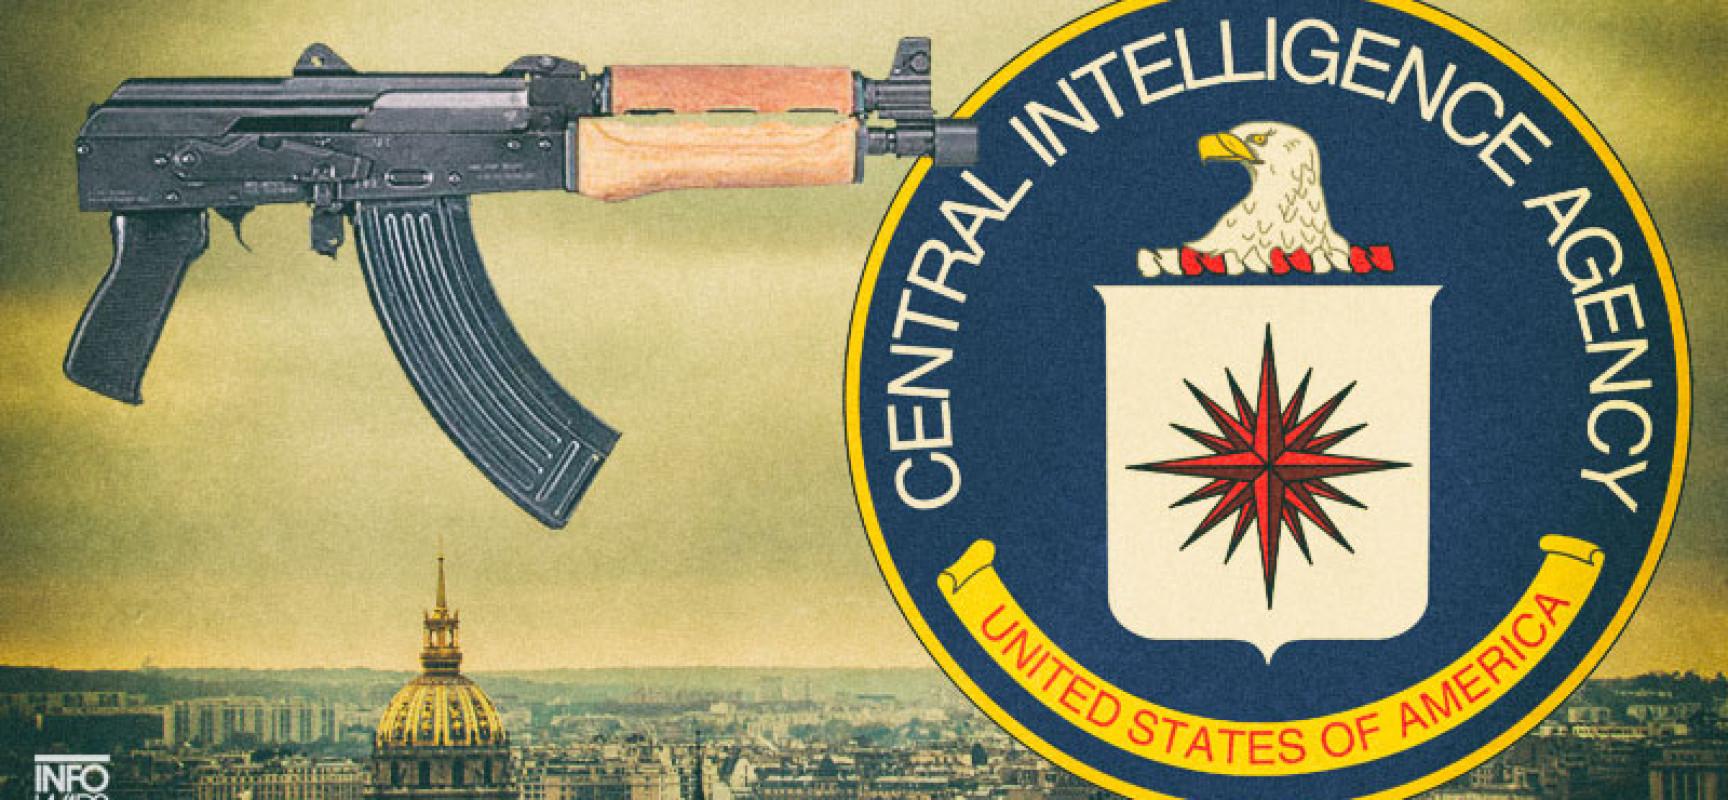 Les armes utilisées dans les attentats de Paris proviennent d'une compagnie liée à la CIA